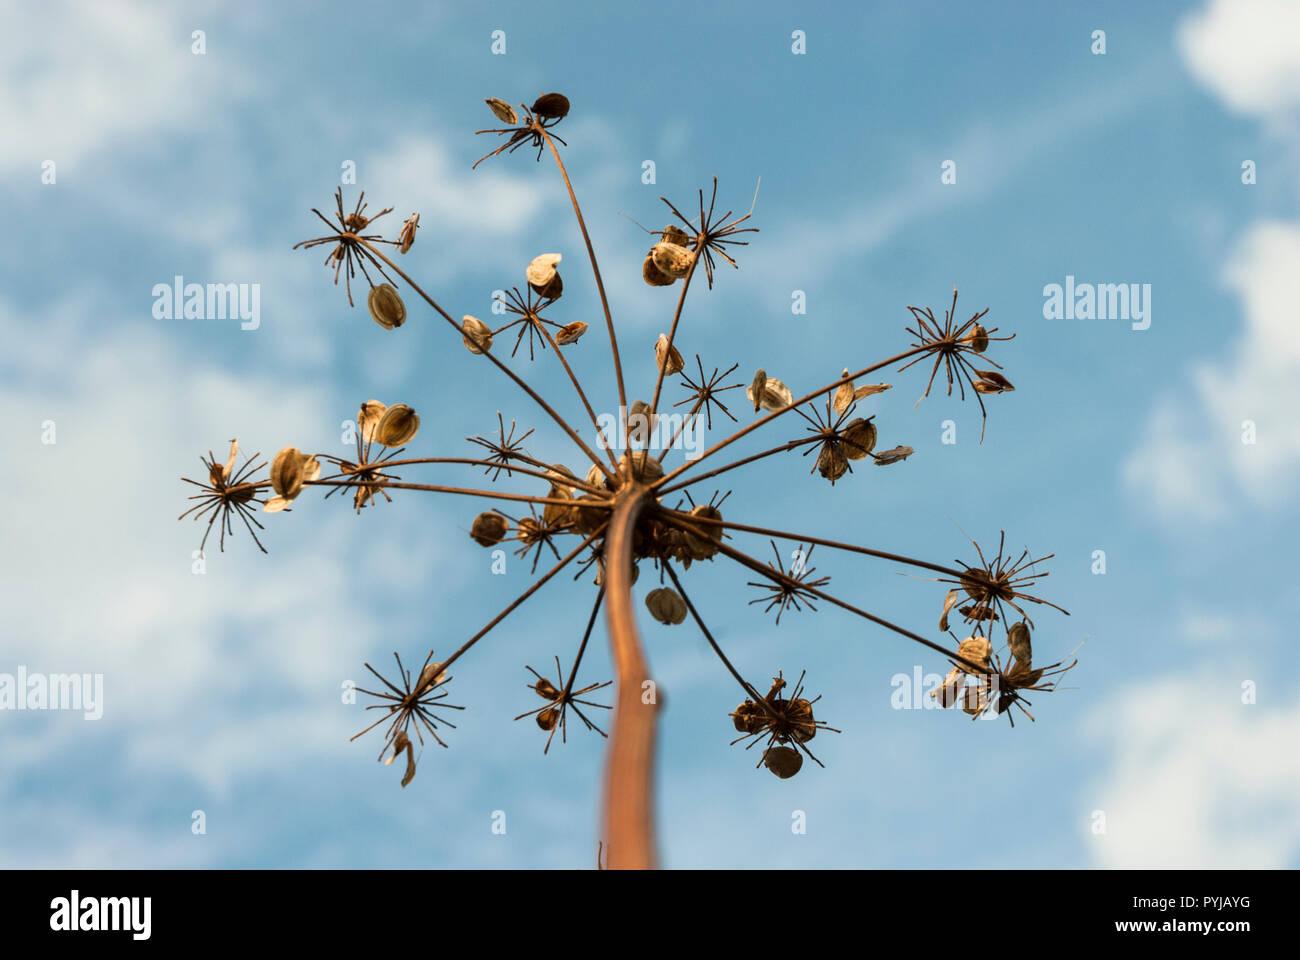 Graines de panais attaché à la tige de la fleur de panais séchés (comme les rayons parapluie) contre un ciel bleu avec des nuages. Photo Stock